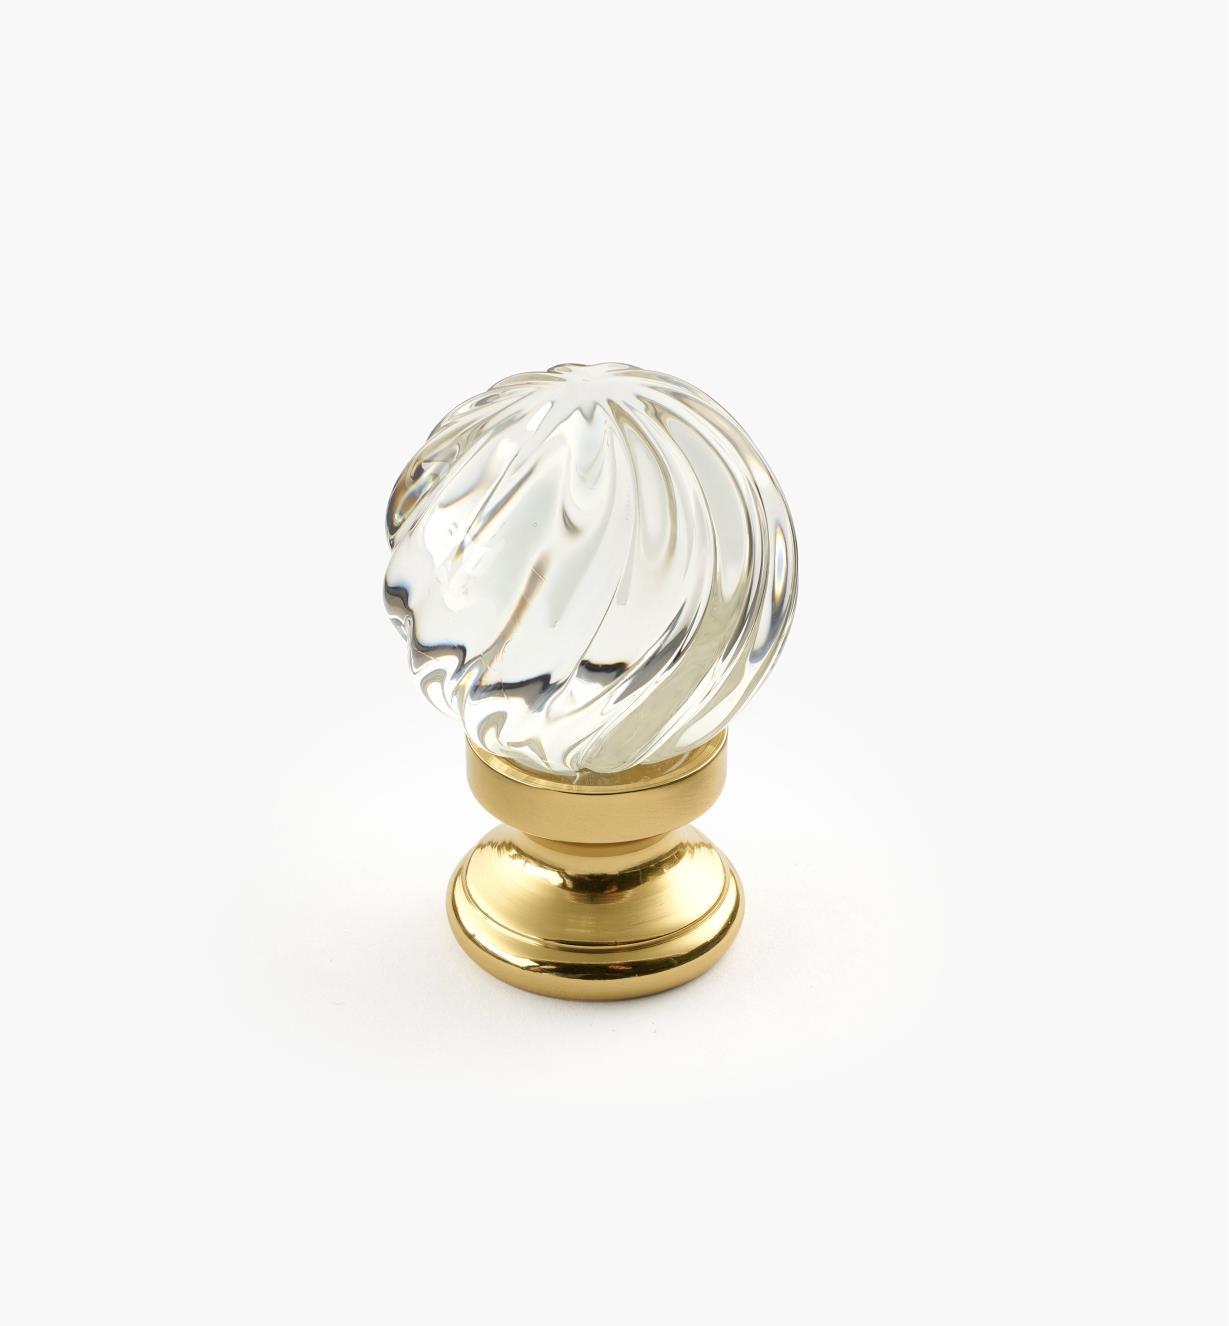 01W2630 - Bouton spiralé en verre, 1 1/16 po x 111/16po